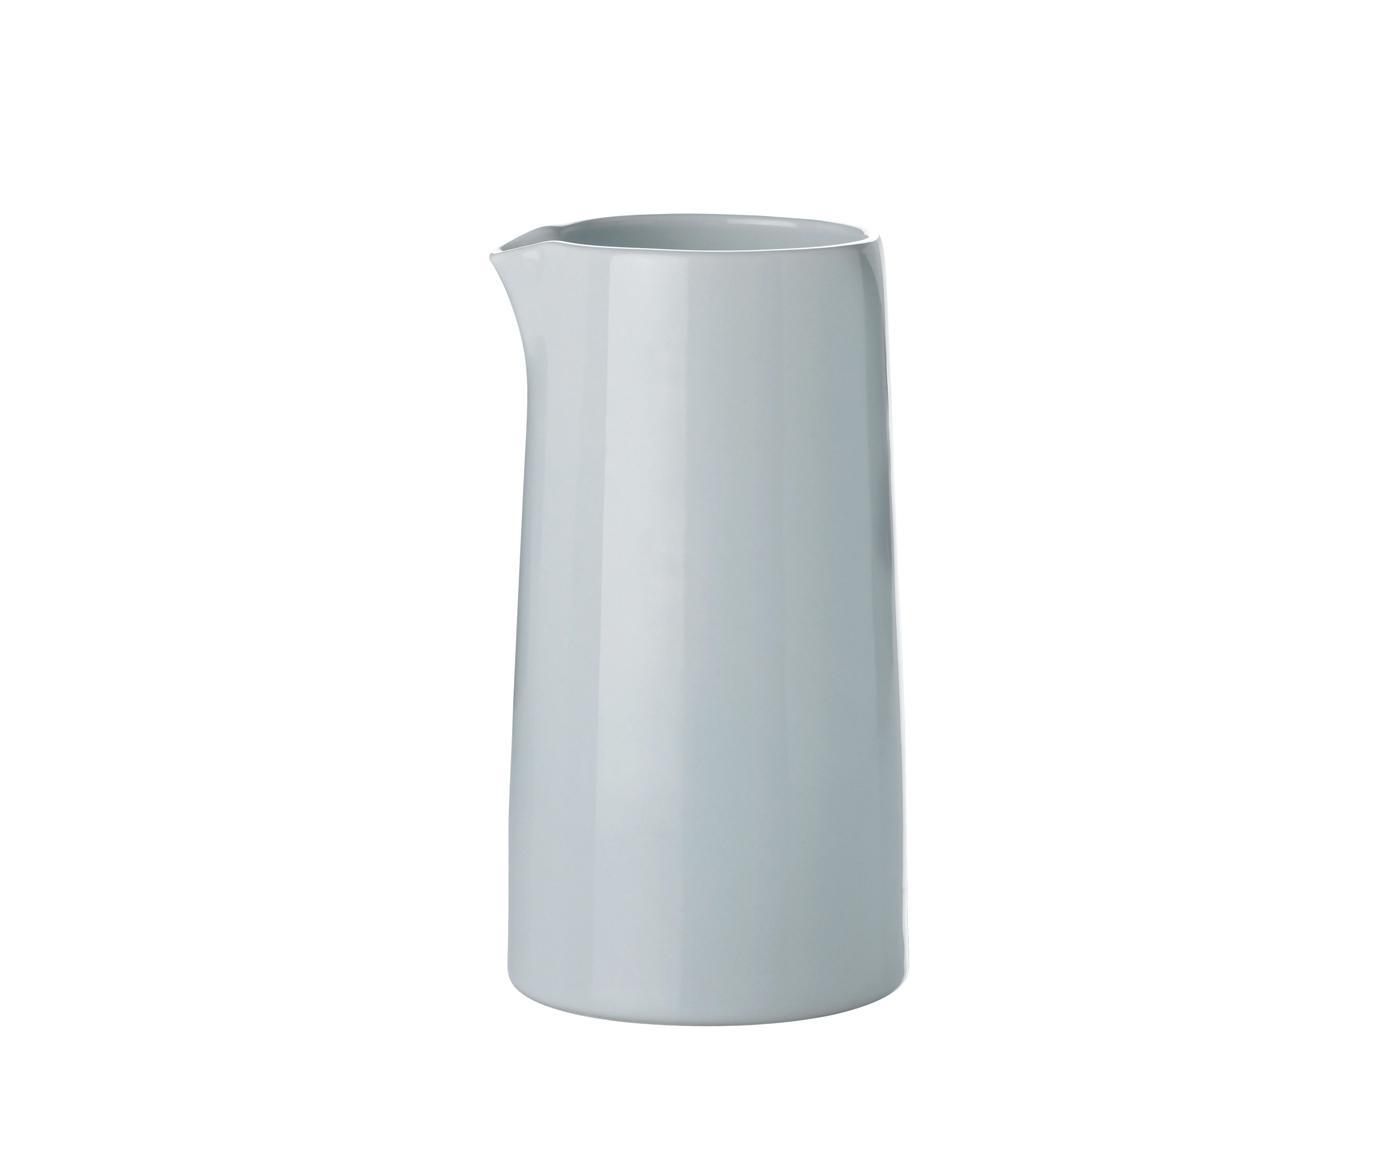 Termiczny dzbanek do mleka Emma, Niebieski, szary, Ø 14 cm